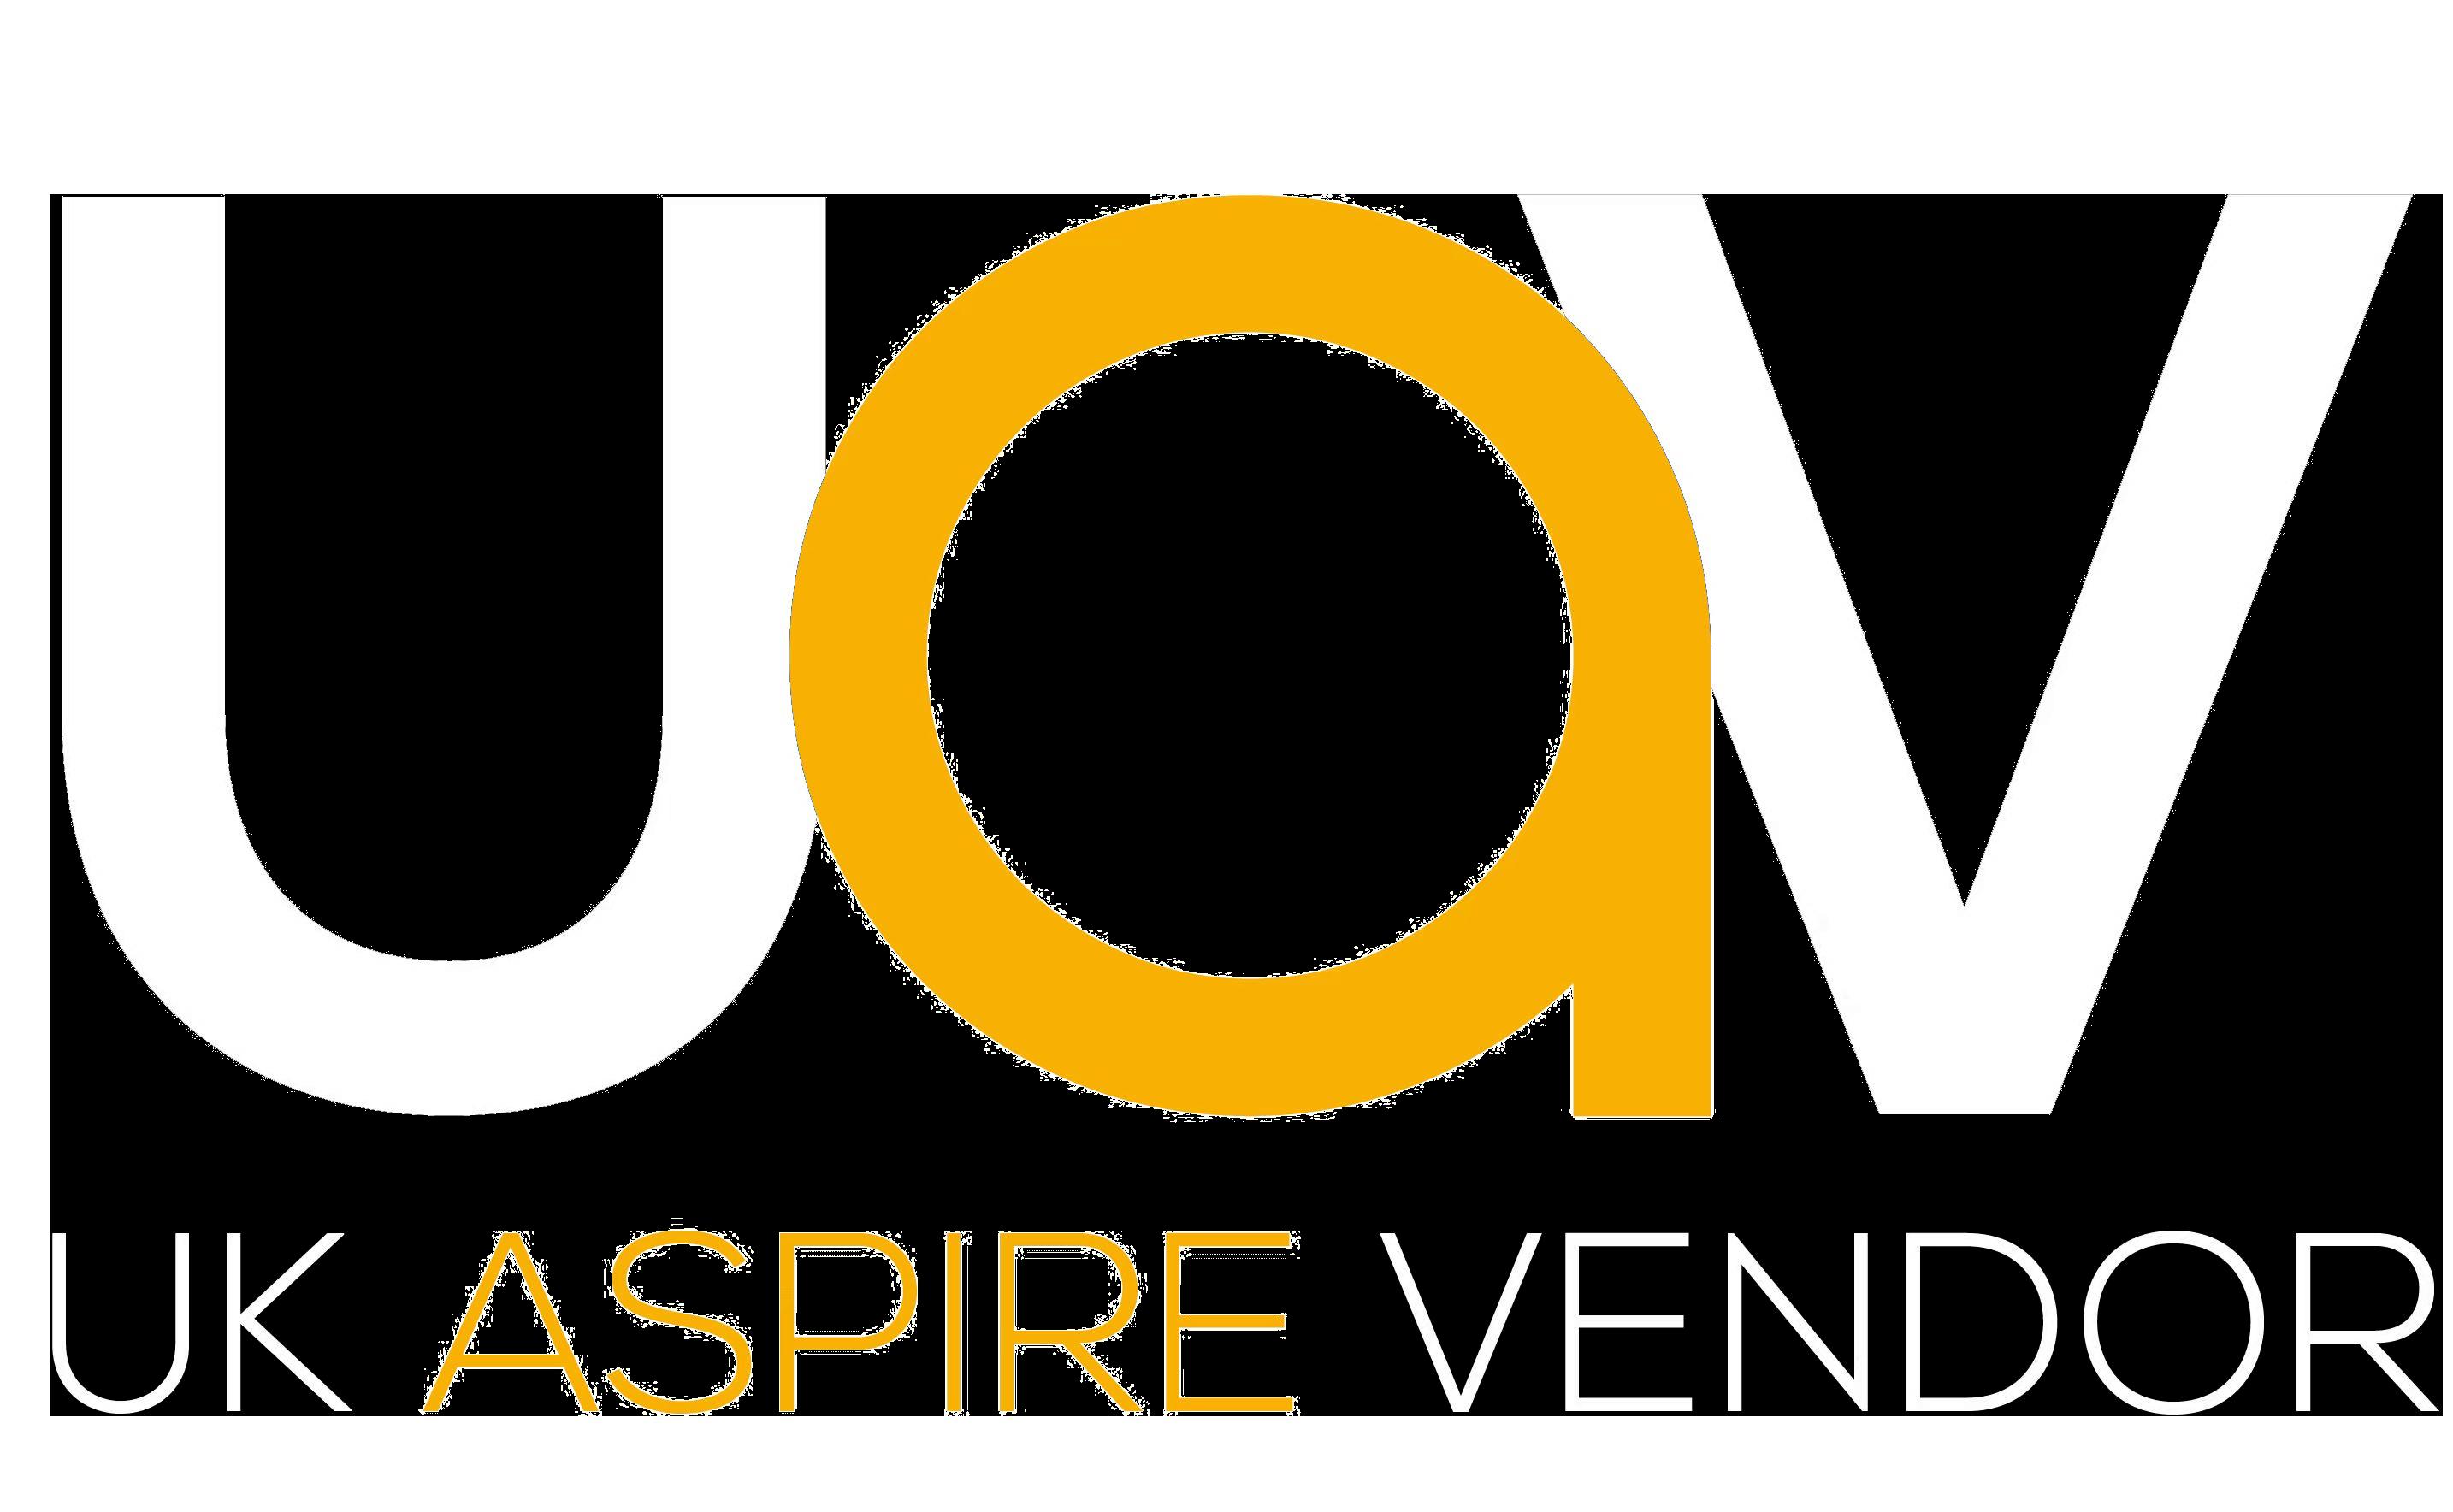 UK Aspire Vendor Media Pack Download